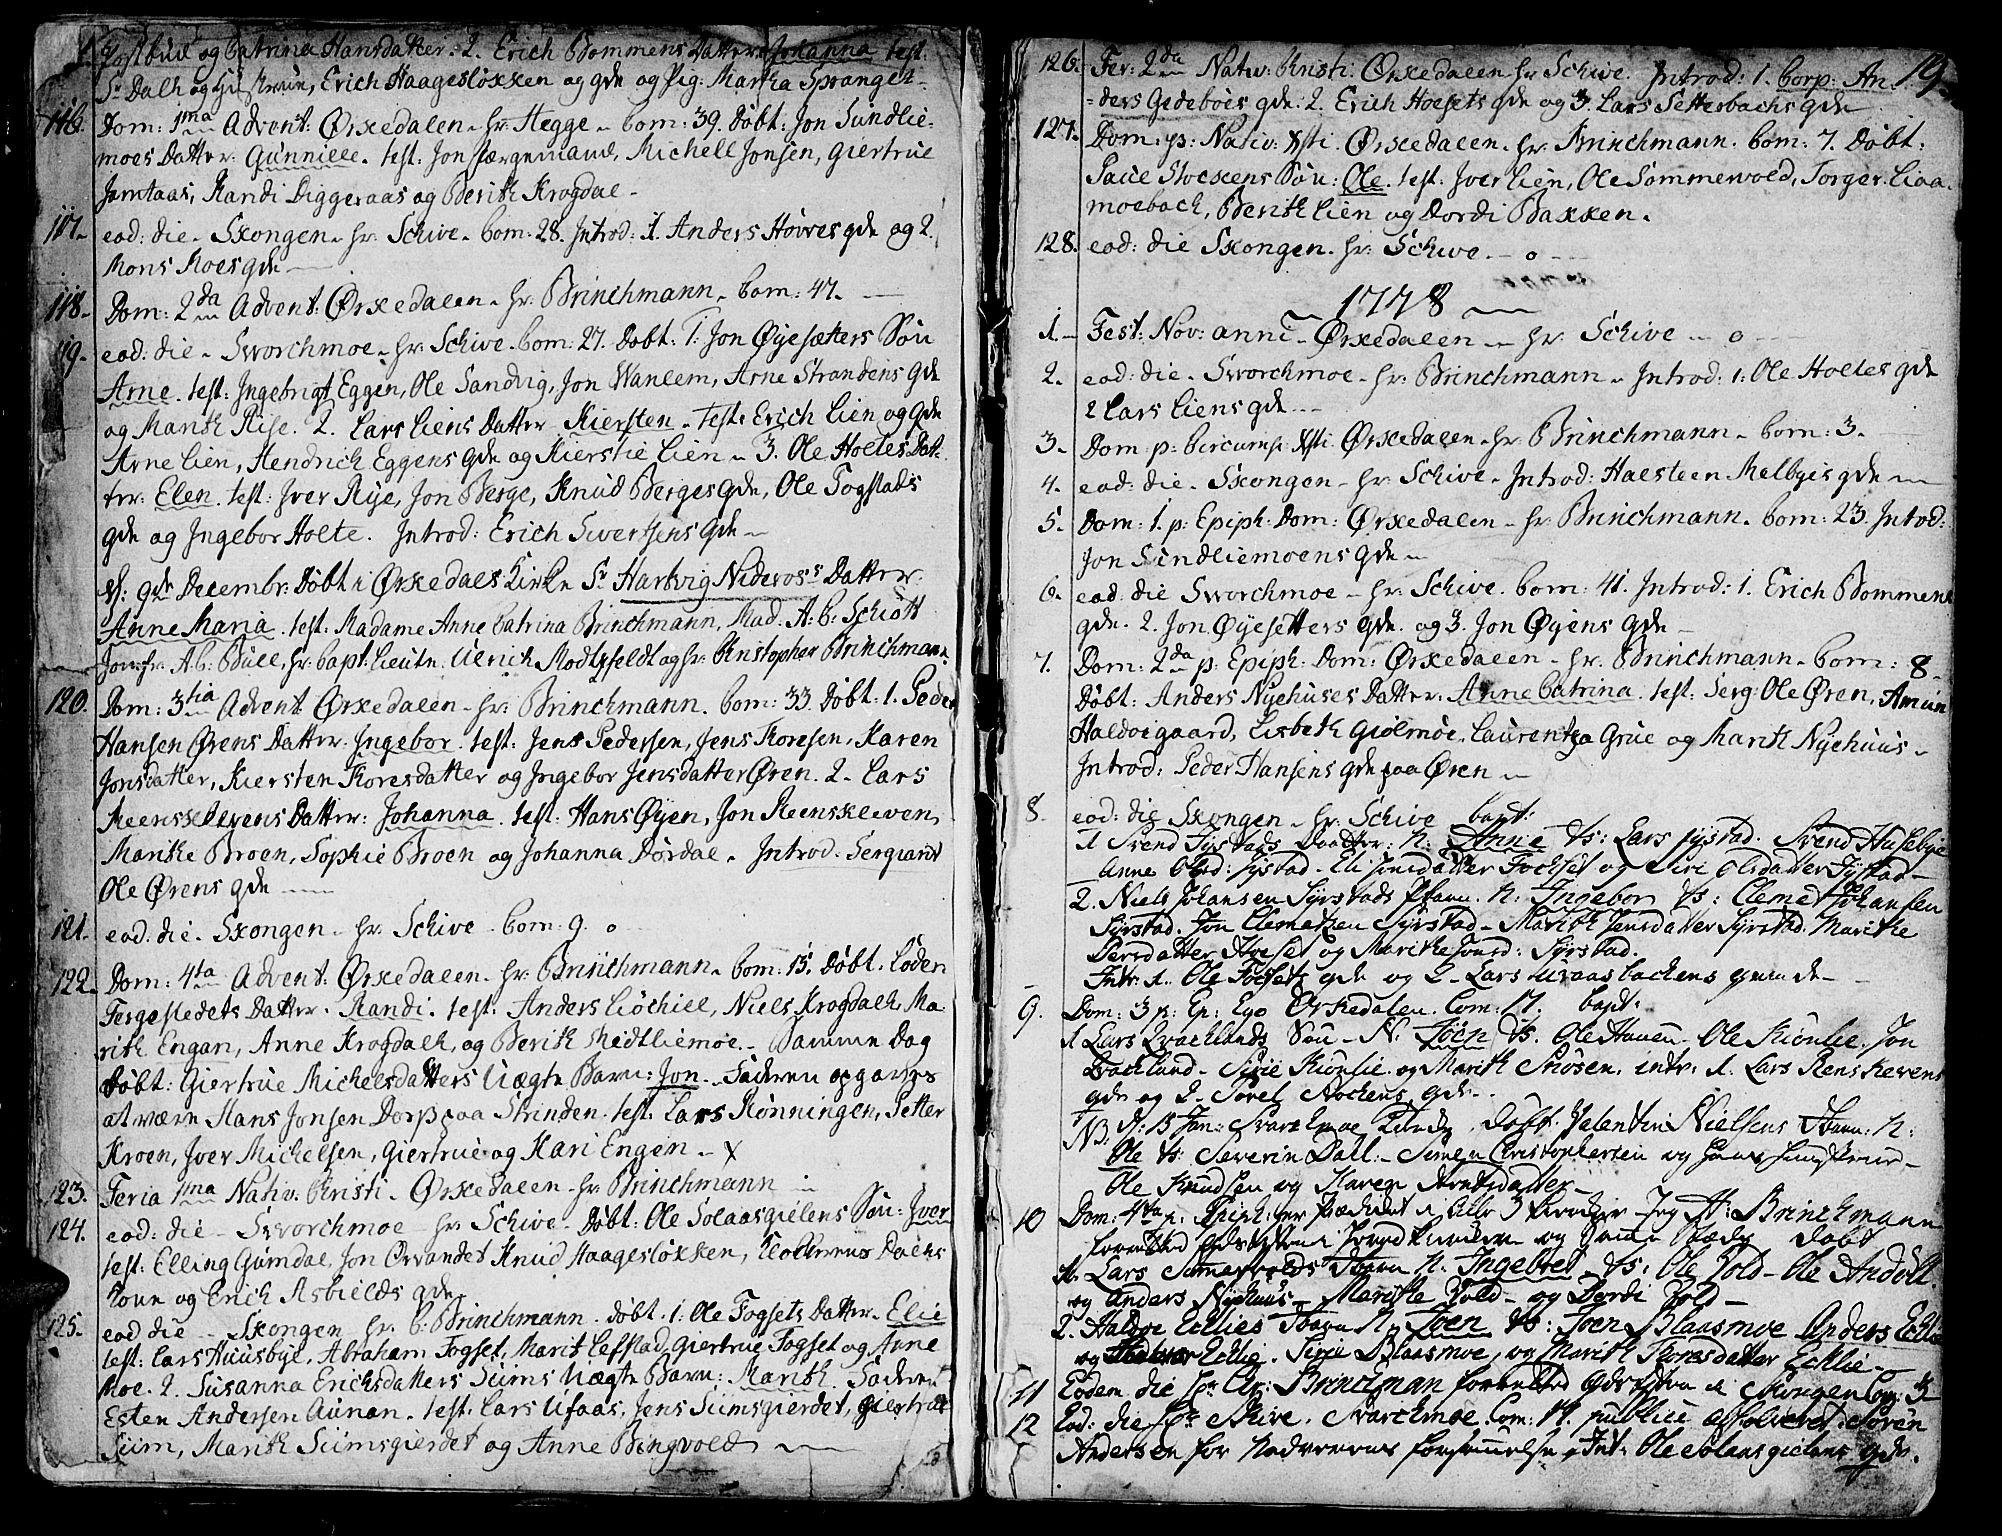 SAT, Ministerialprotokoller, klokkerbøker og fødselsregistre - Sør-Trøndelag, 668/L0802: Ministerialbok nr. 668A02, 1776-1799, s. 18-19